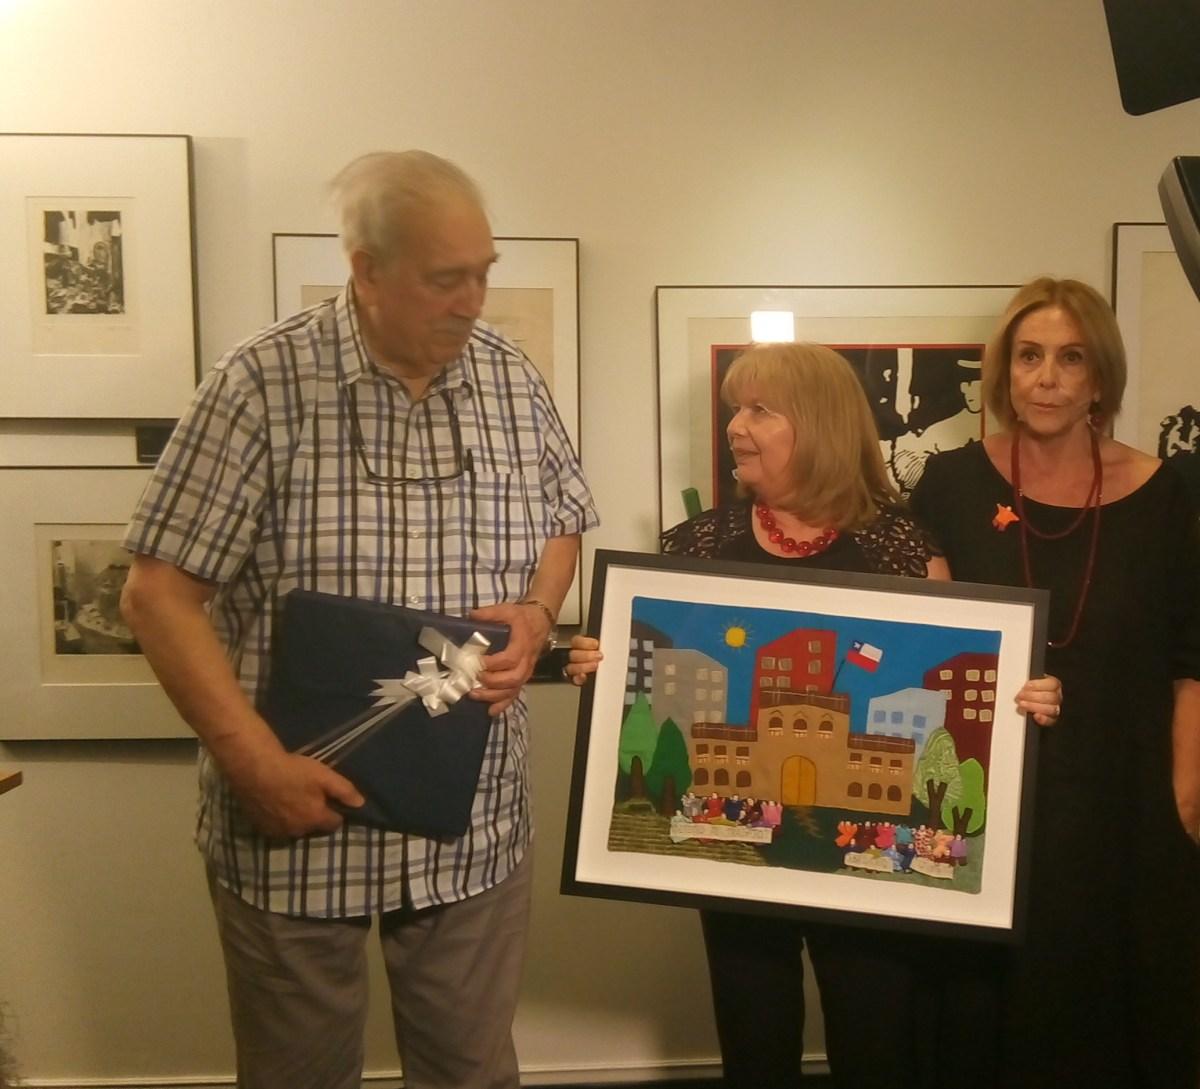 Director de Punto Final premiado por Museo DDHH y Colegio Periodistas. Por Lucía Sepúlveda Ruiz